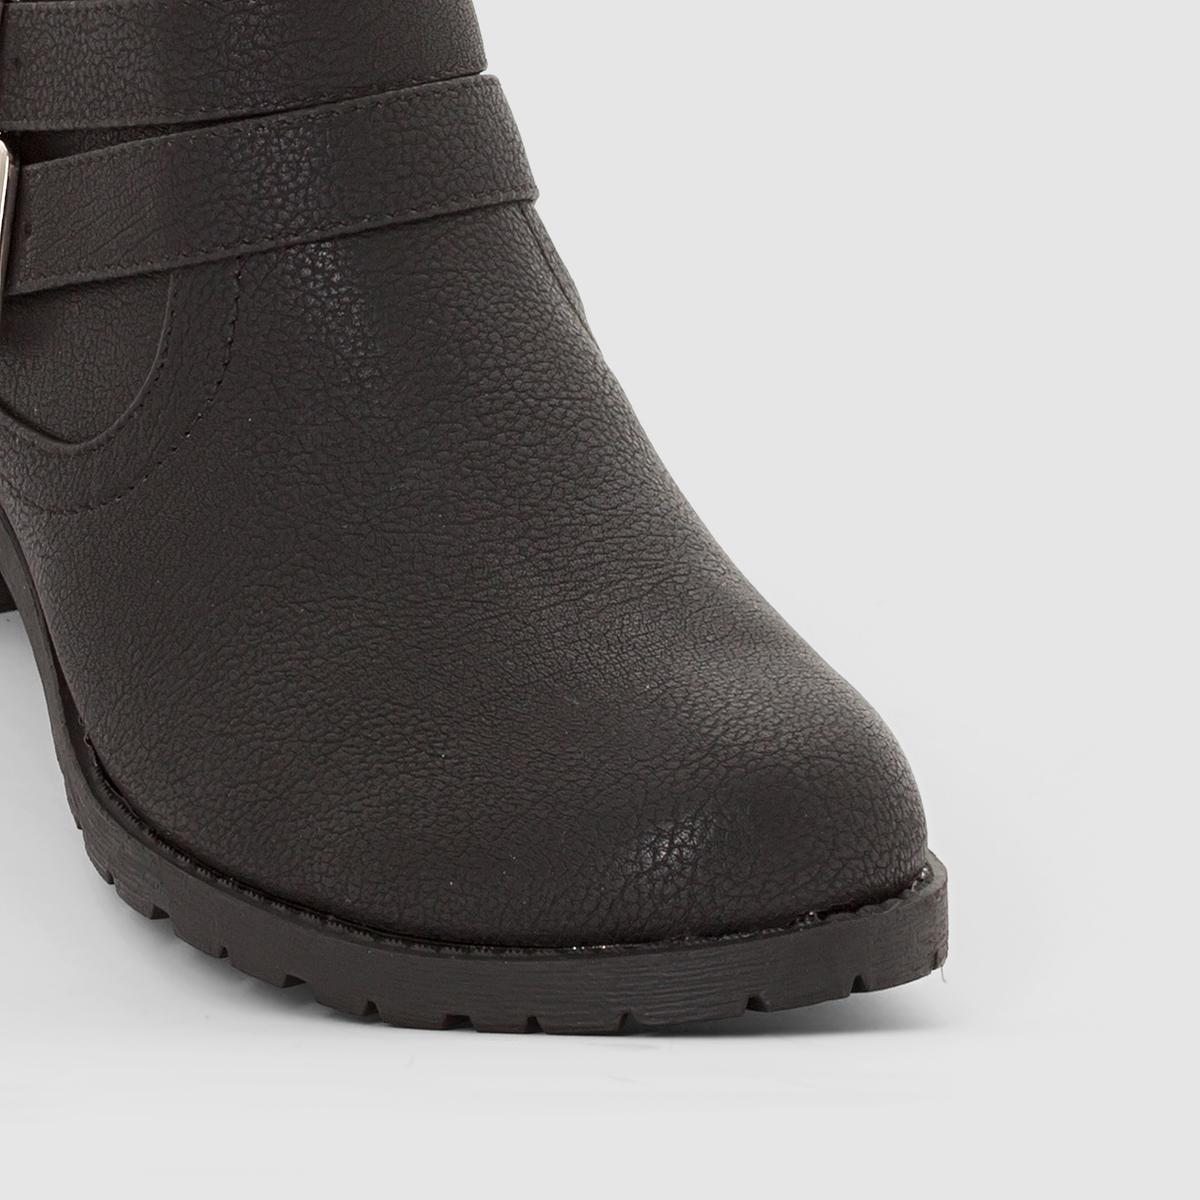 Ботильоны синтетические на широкую ногу, размеры 38-45